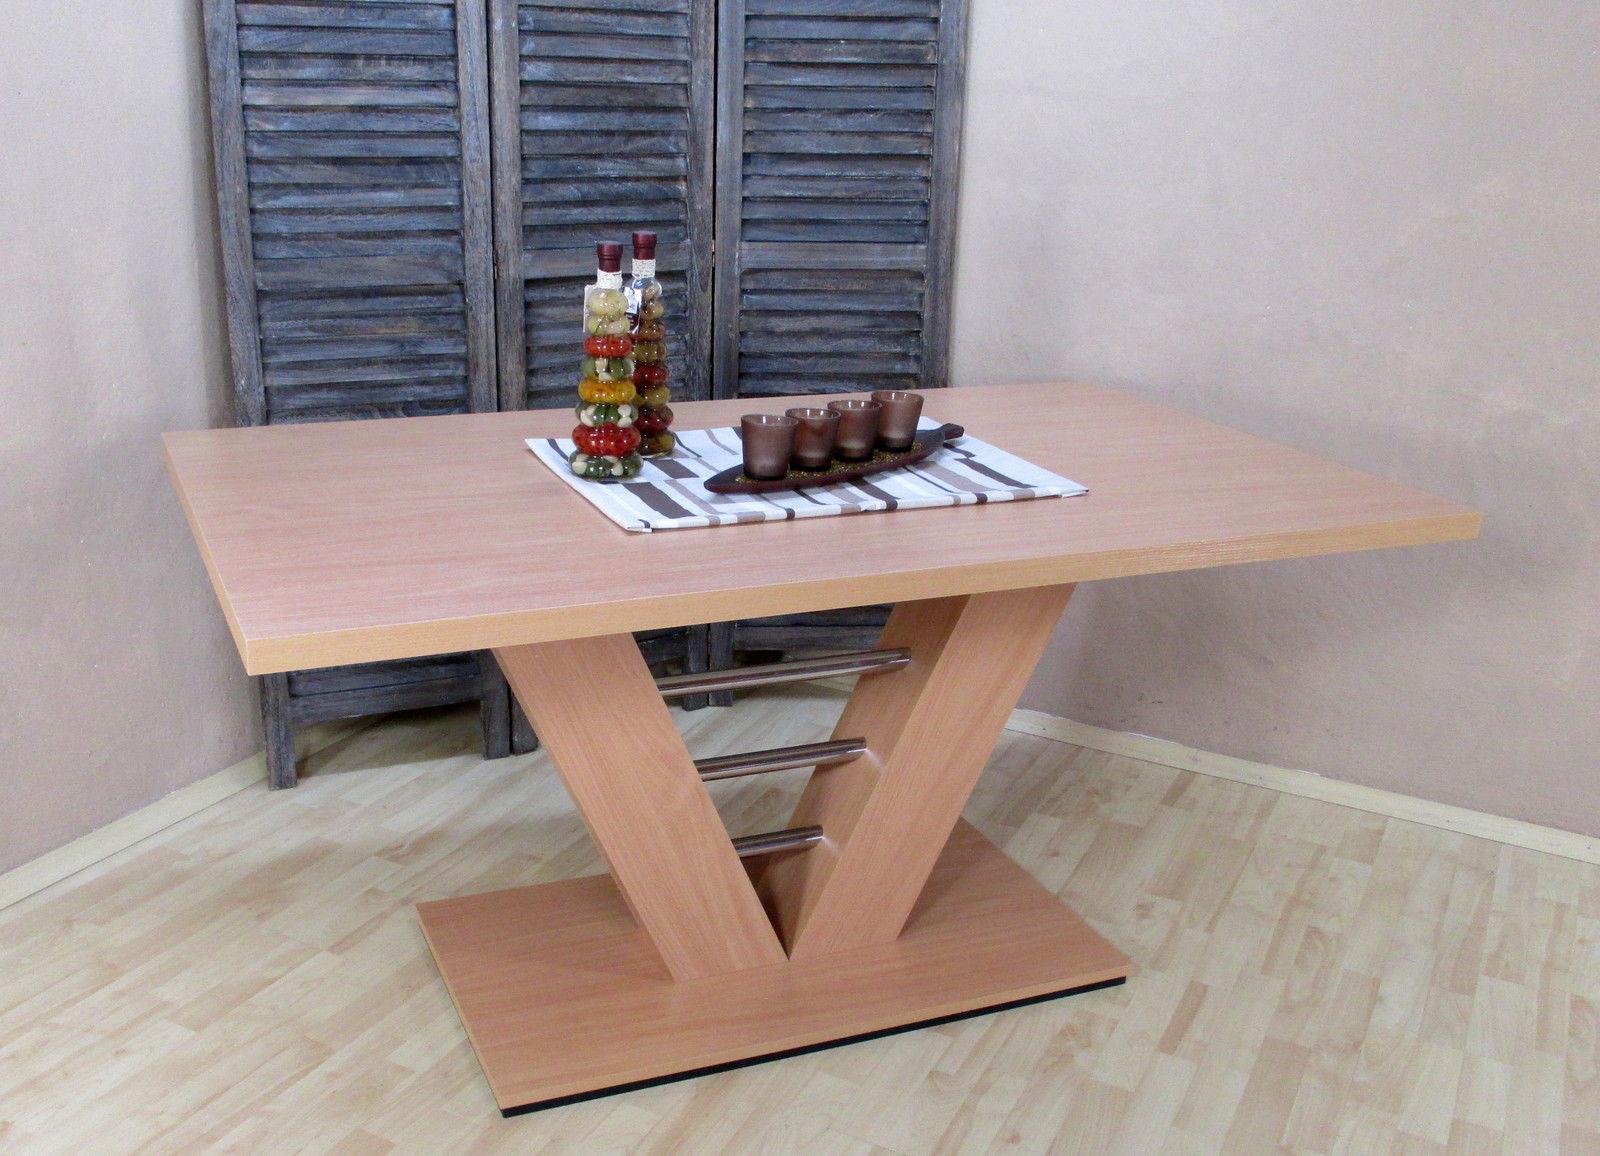 Bezaubernd Esszimmertisch Buche Referenz Von Säulentisch Natur 160x90x75 Esstisch Holztisch Küchentisch